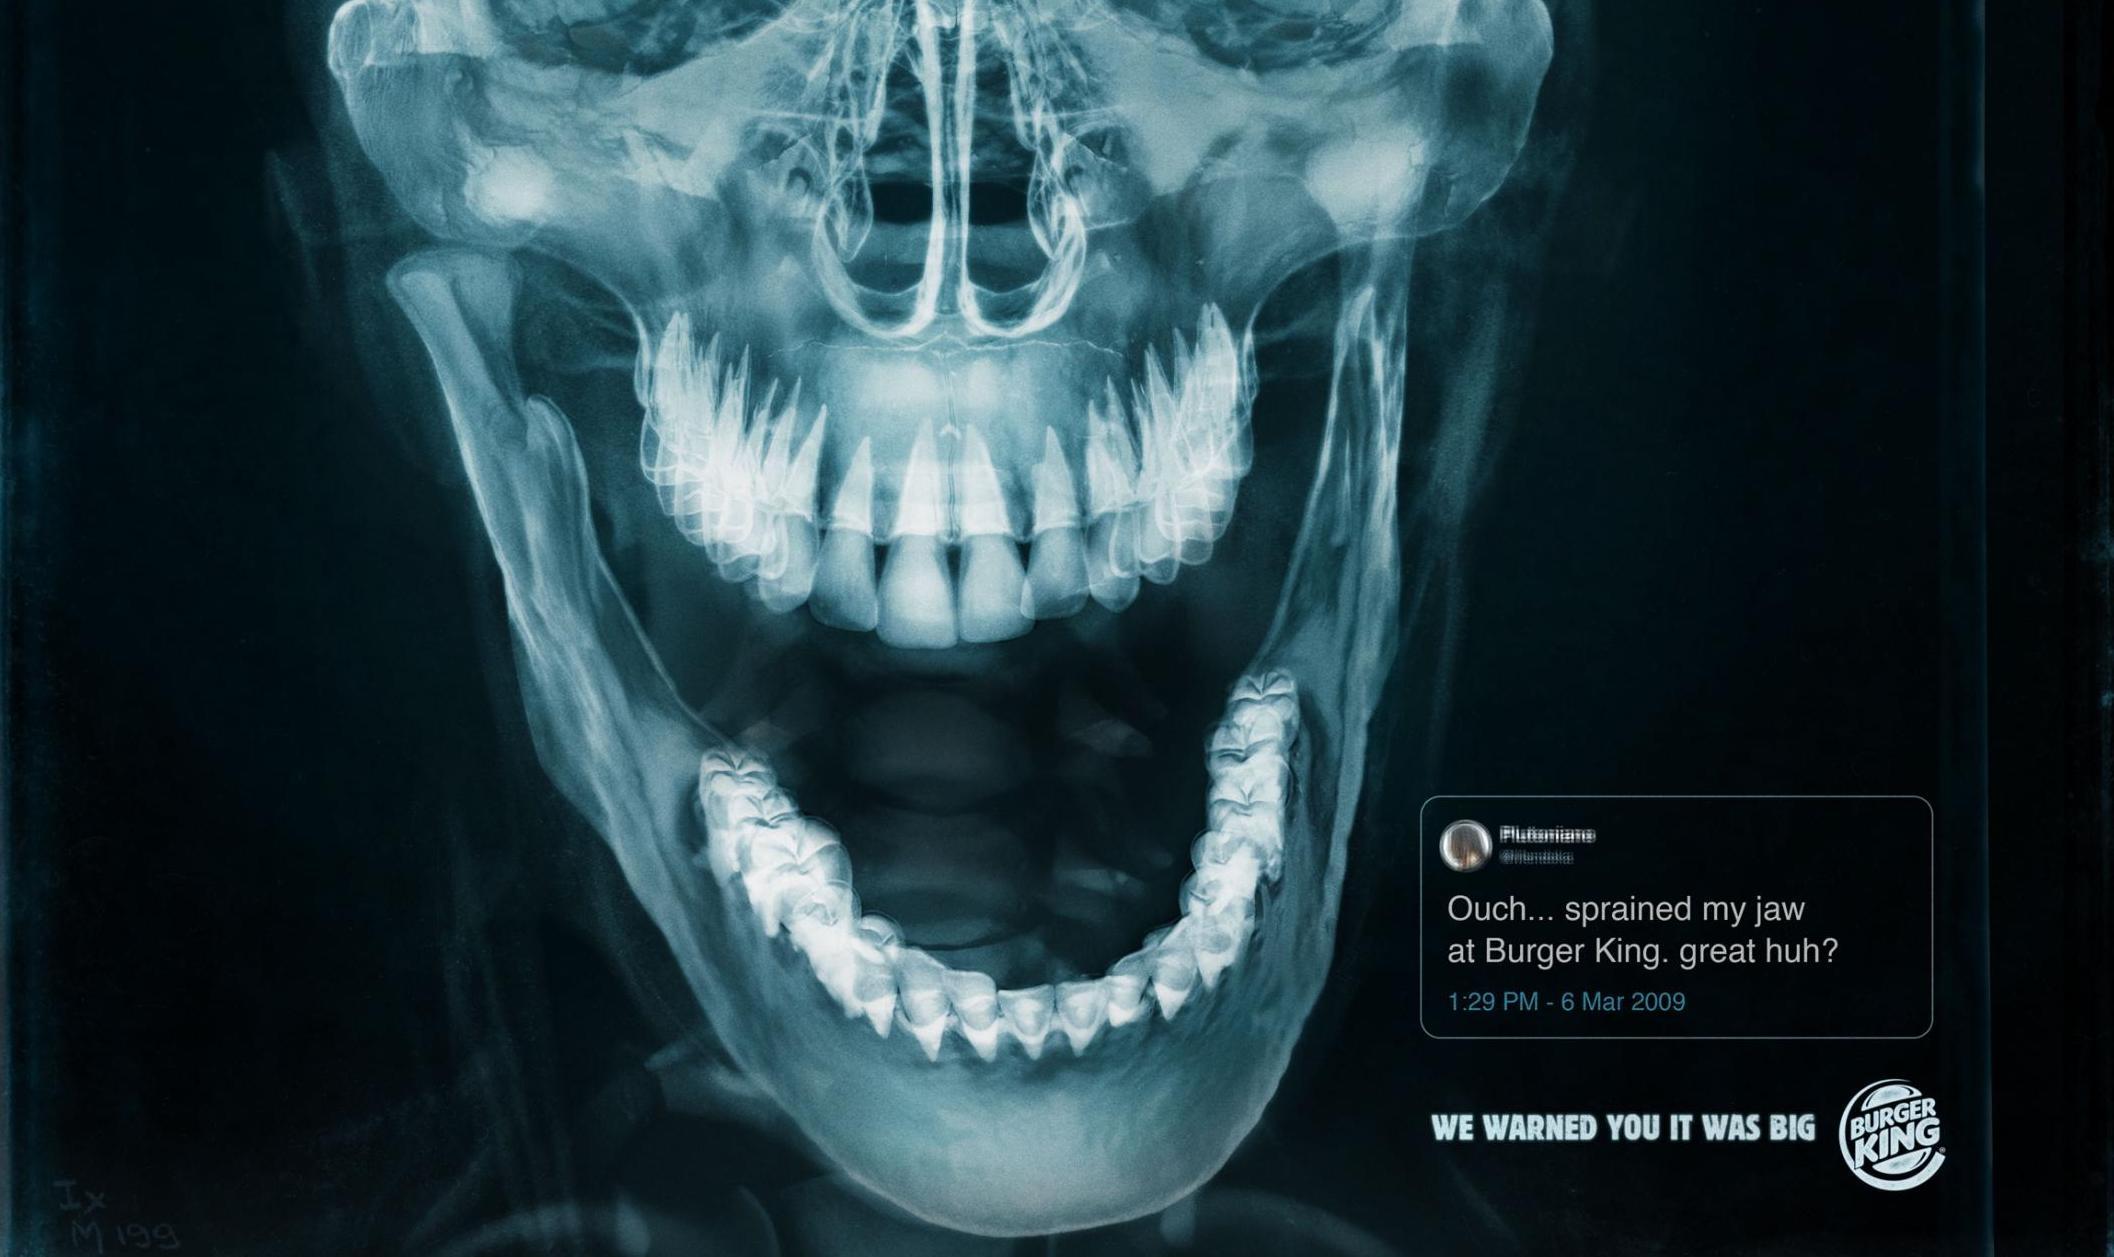 Este nuevo anuncio de Burger King consiste en 3 radiografías de personas que se lastimaron la mandíbula por morder una hamburguesa.